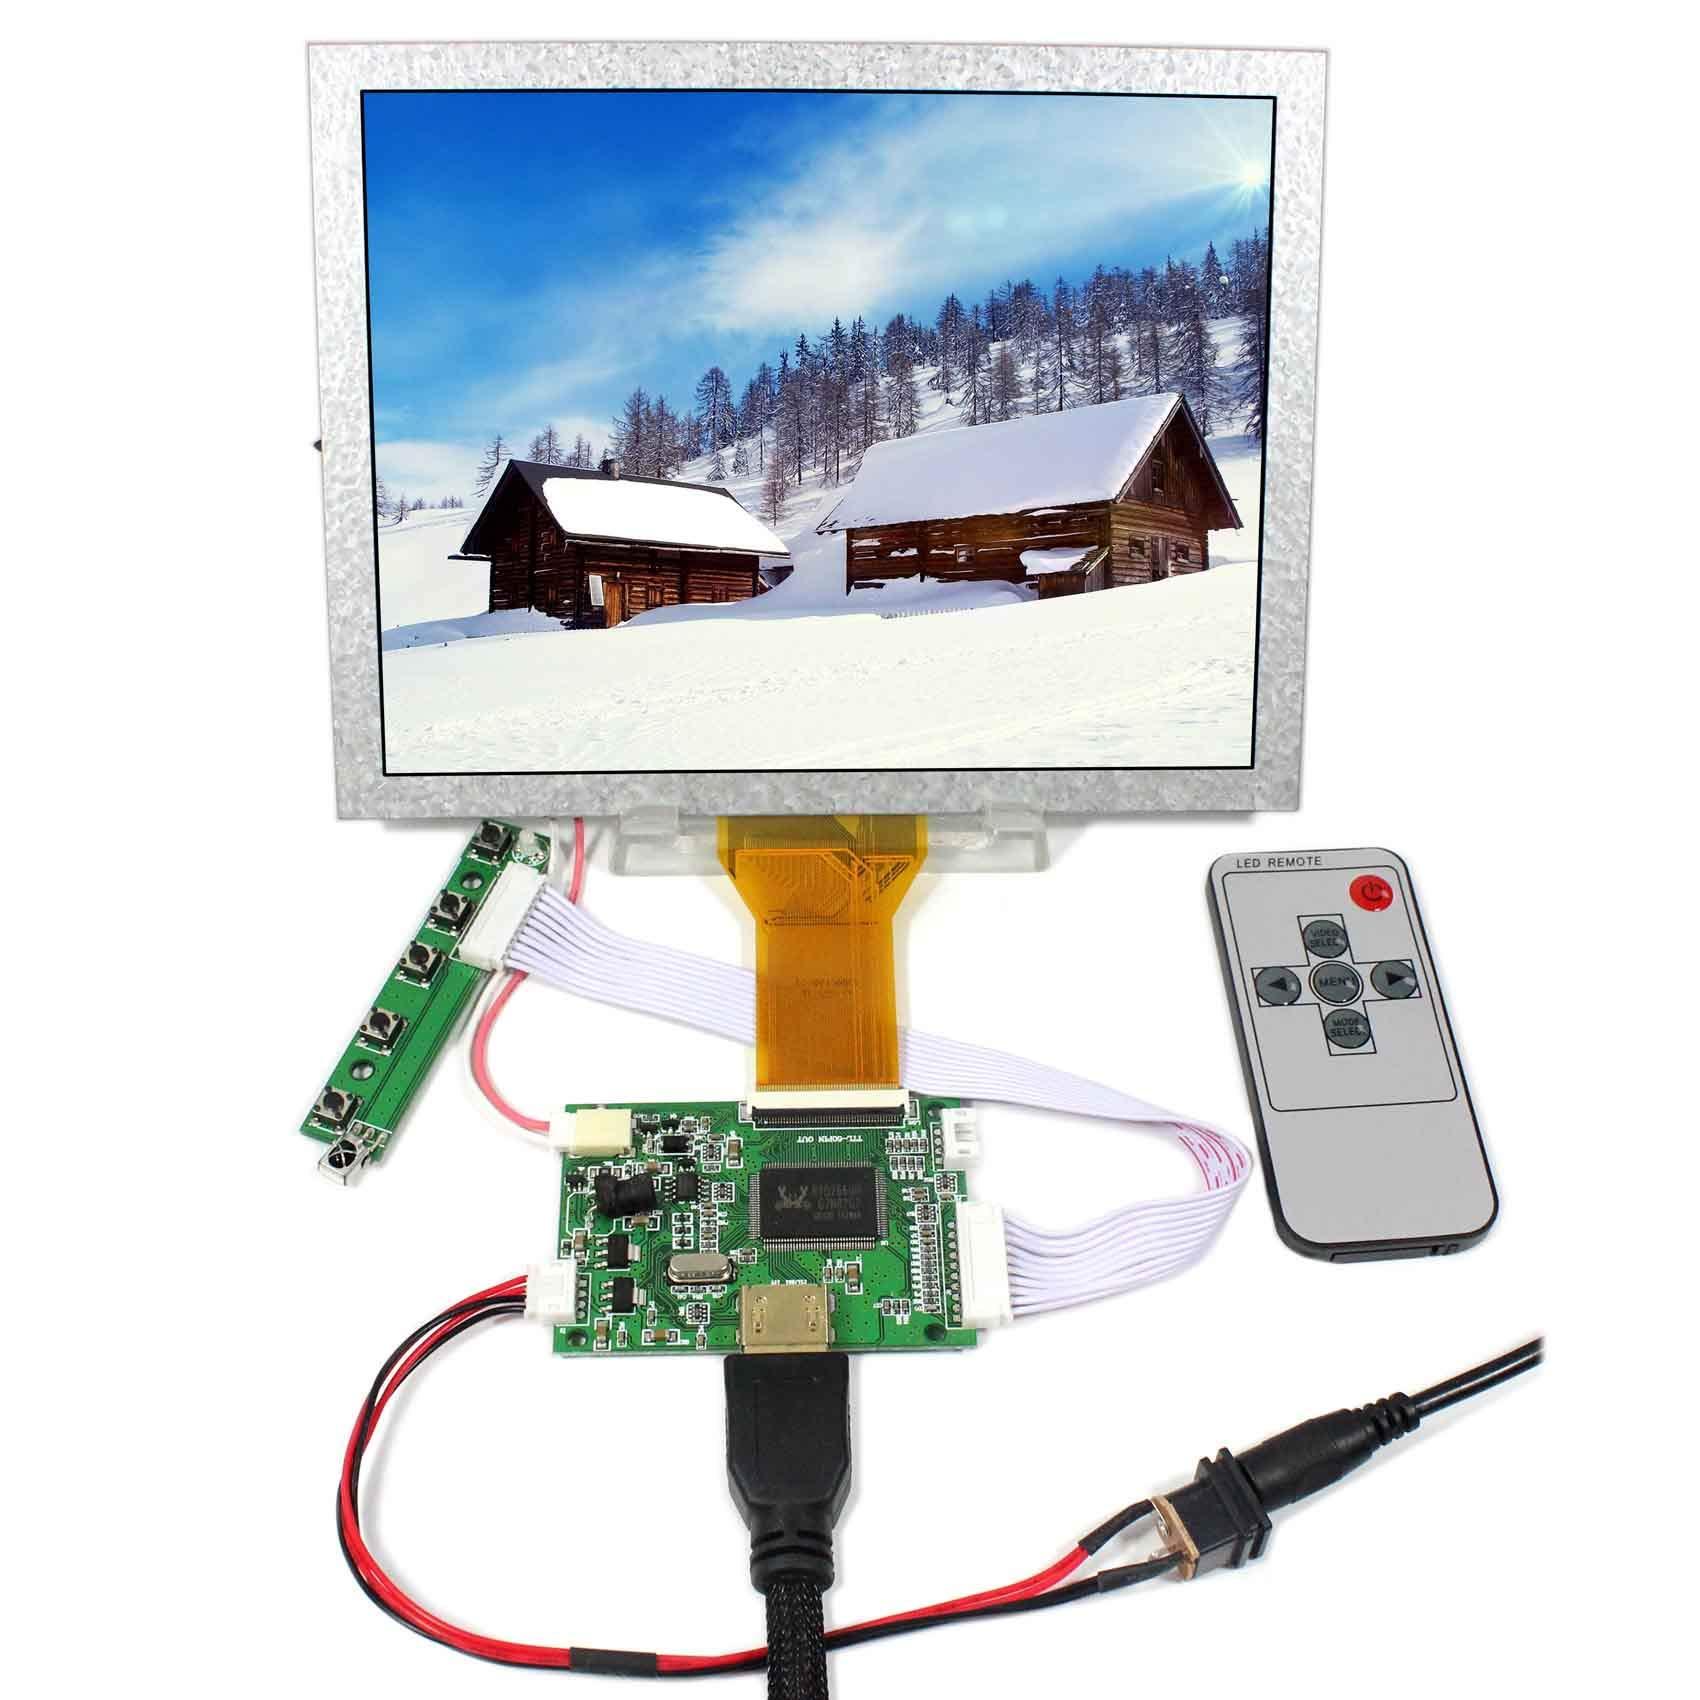 Controladora LCD HDMI VGA 8 800x600 EJ080NA-05A